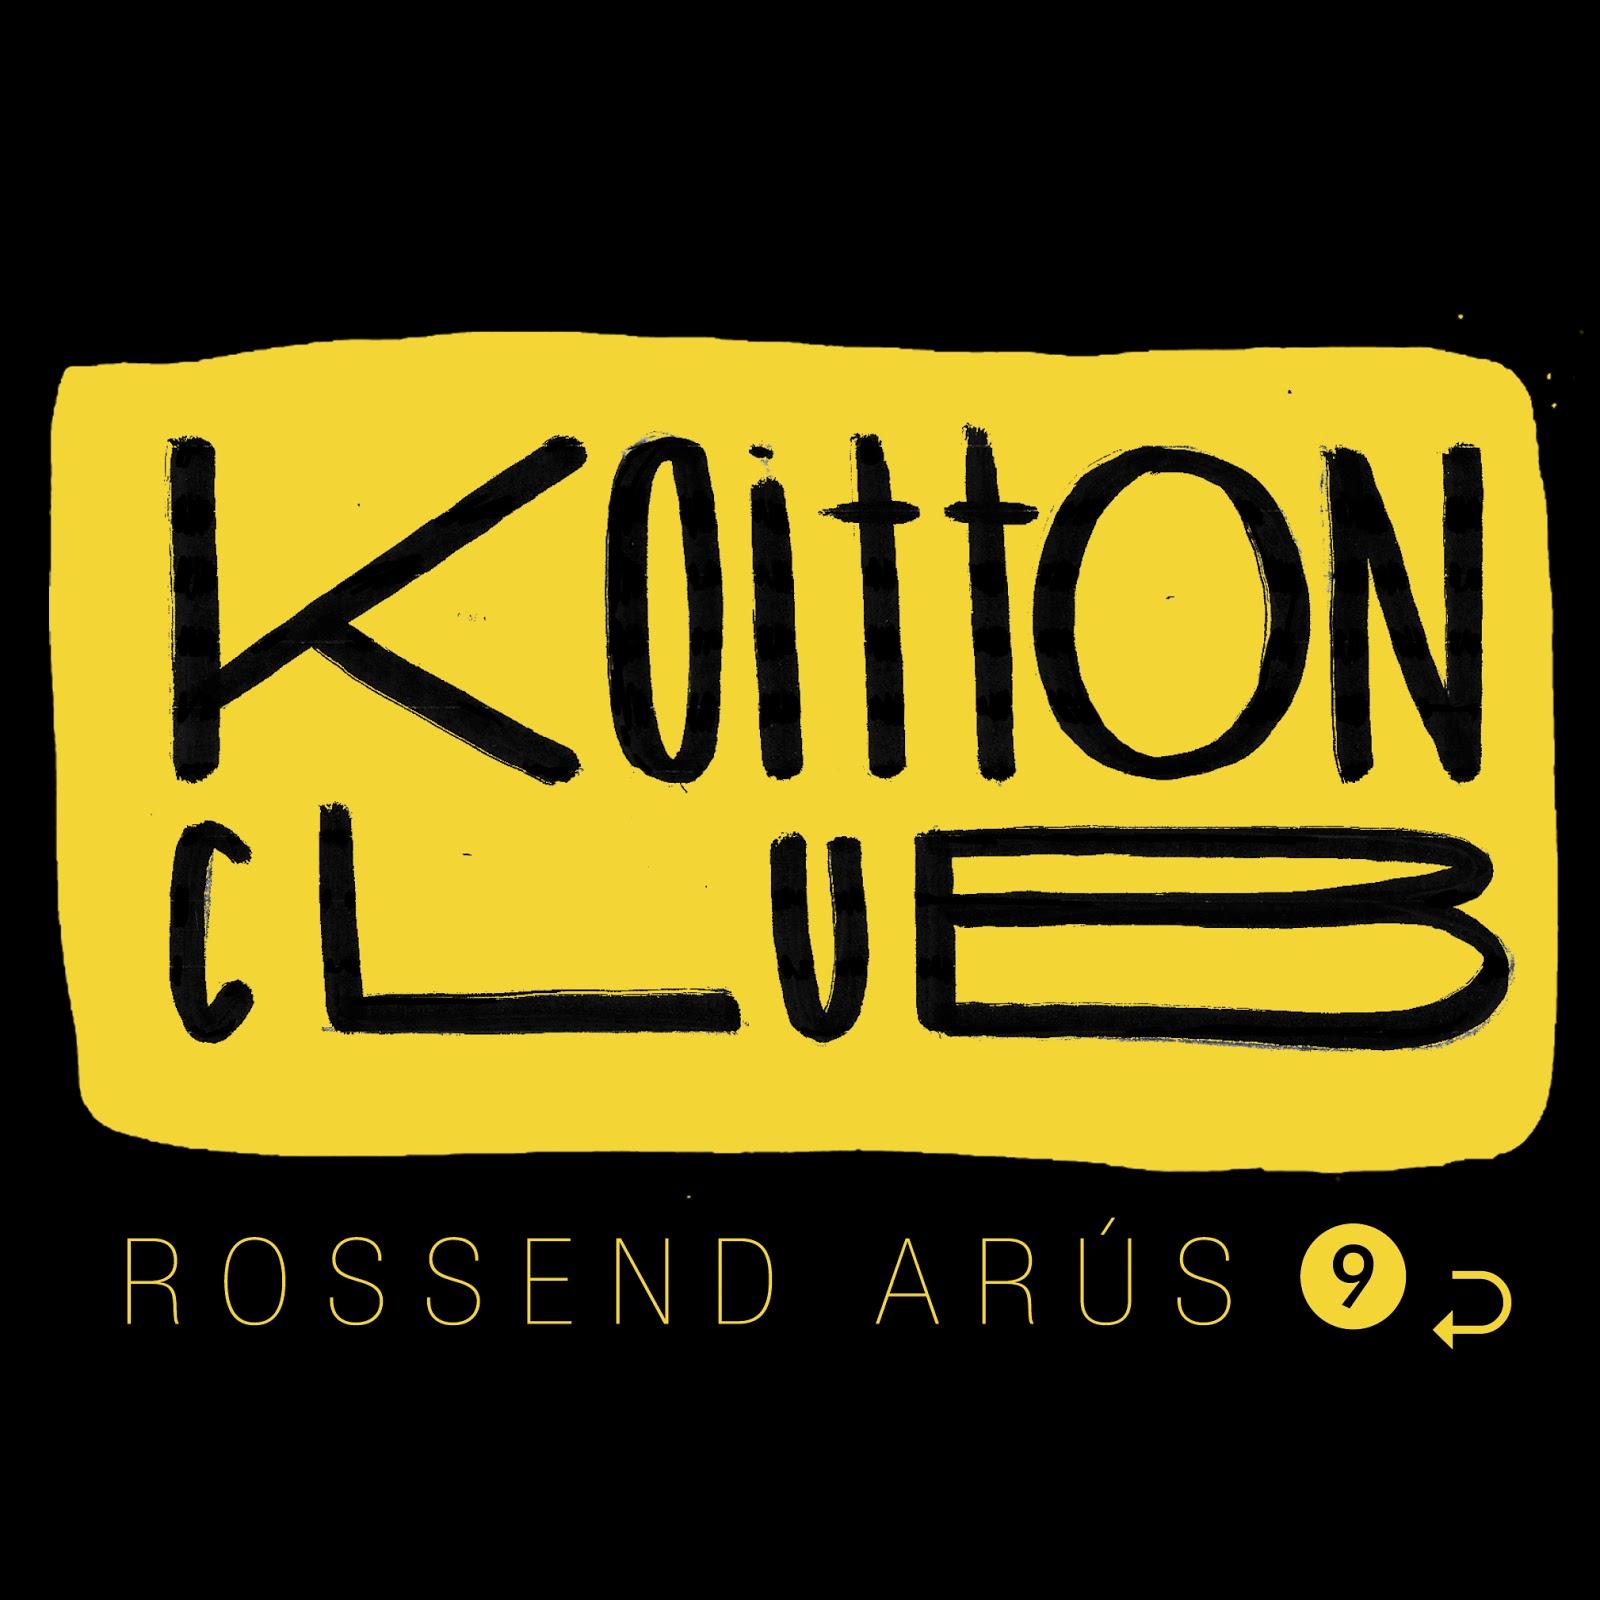 Logo Koitton Club